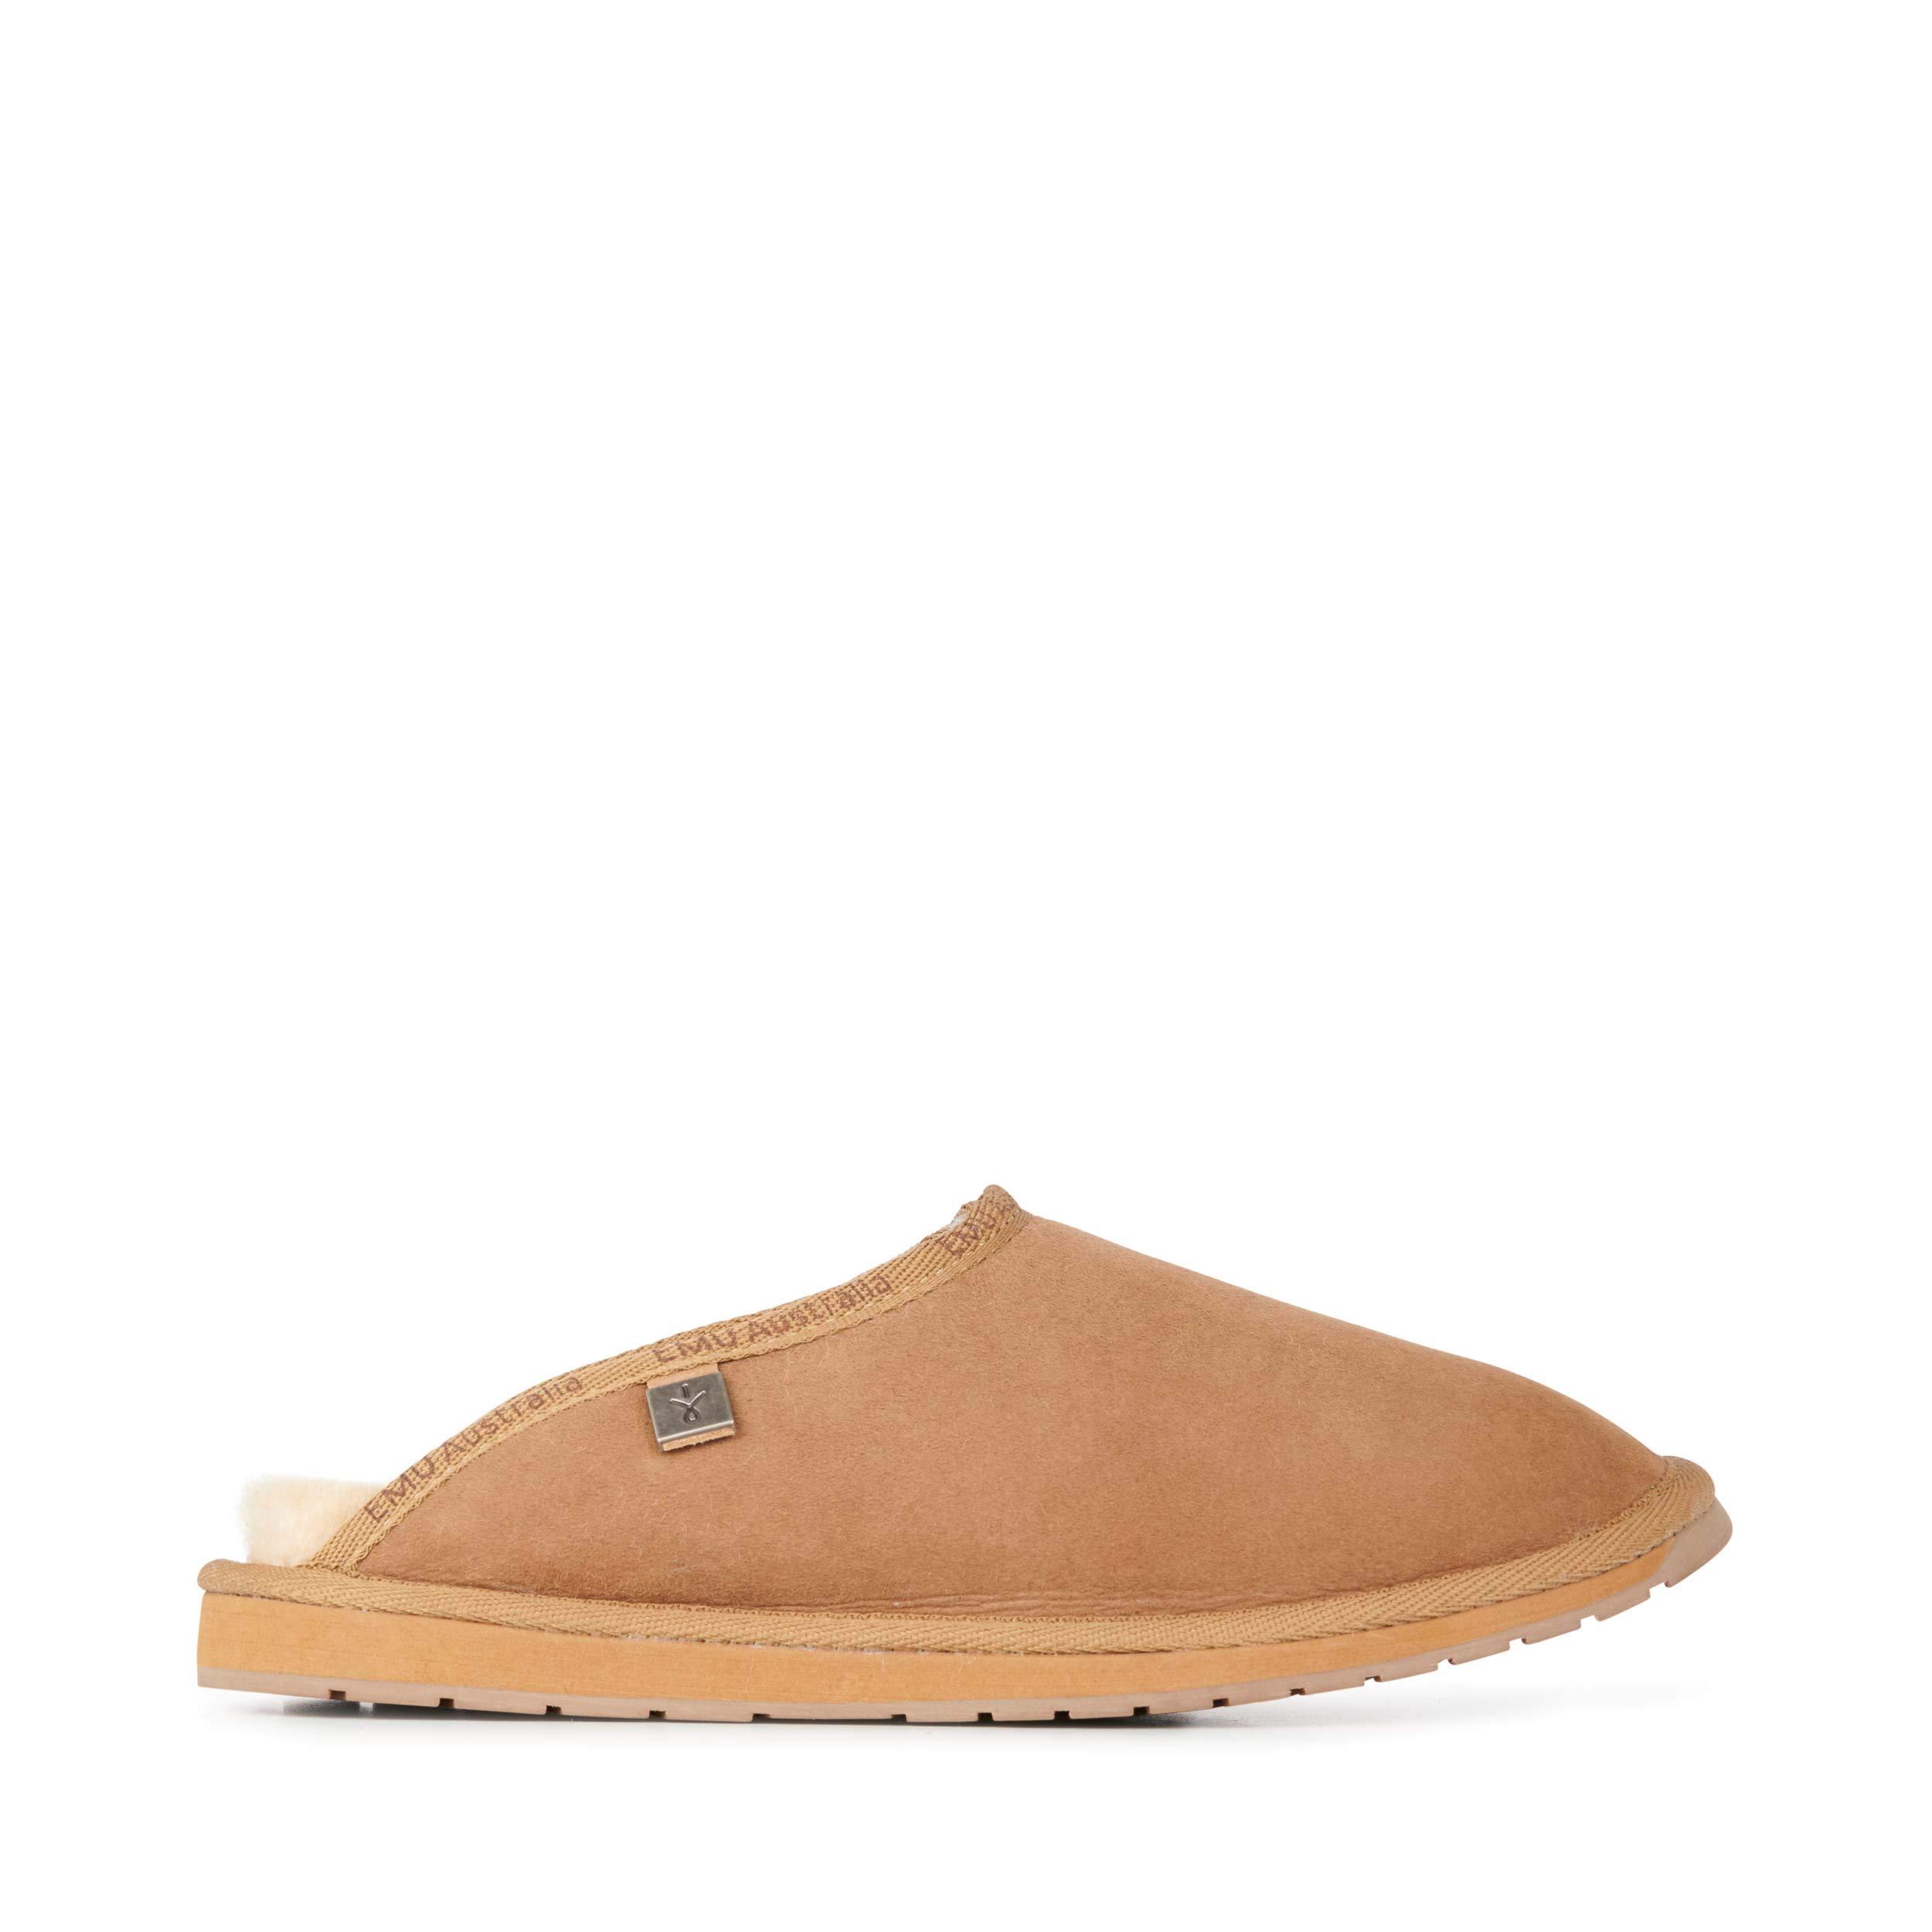 EMU Australia Mens Slippers Platinum Esperence Sheepskin Slipper Size 12